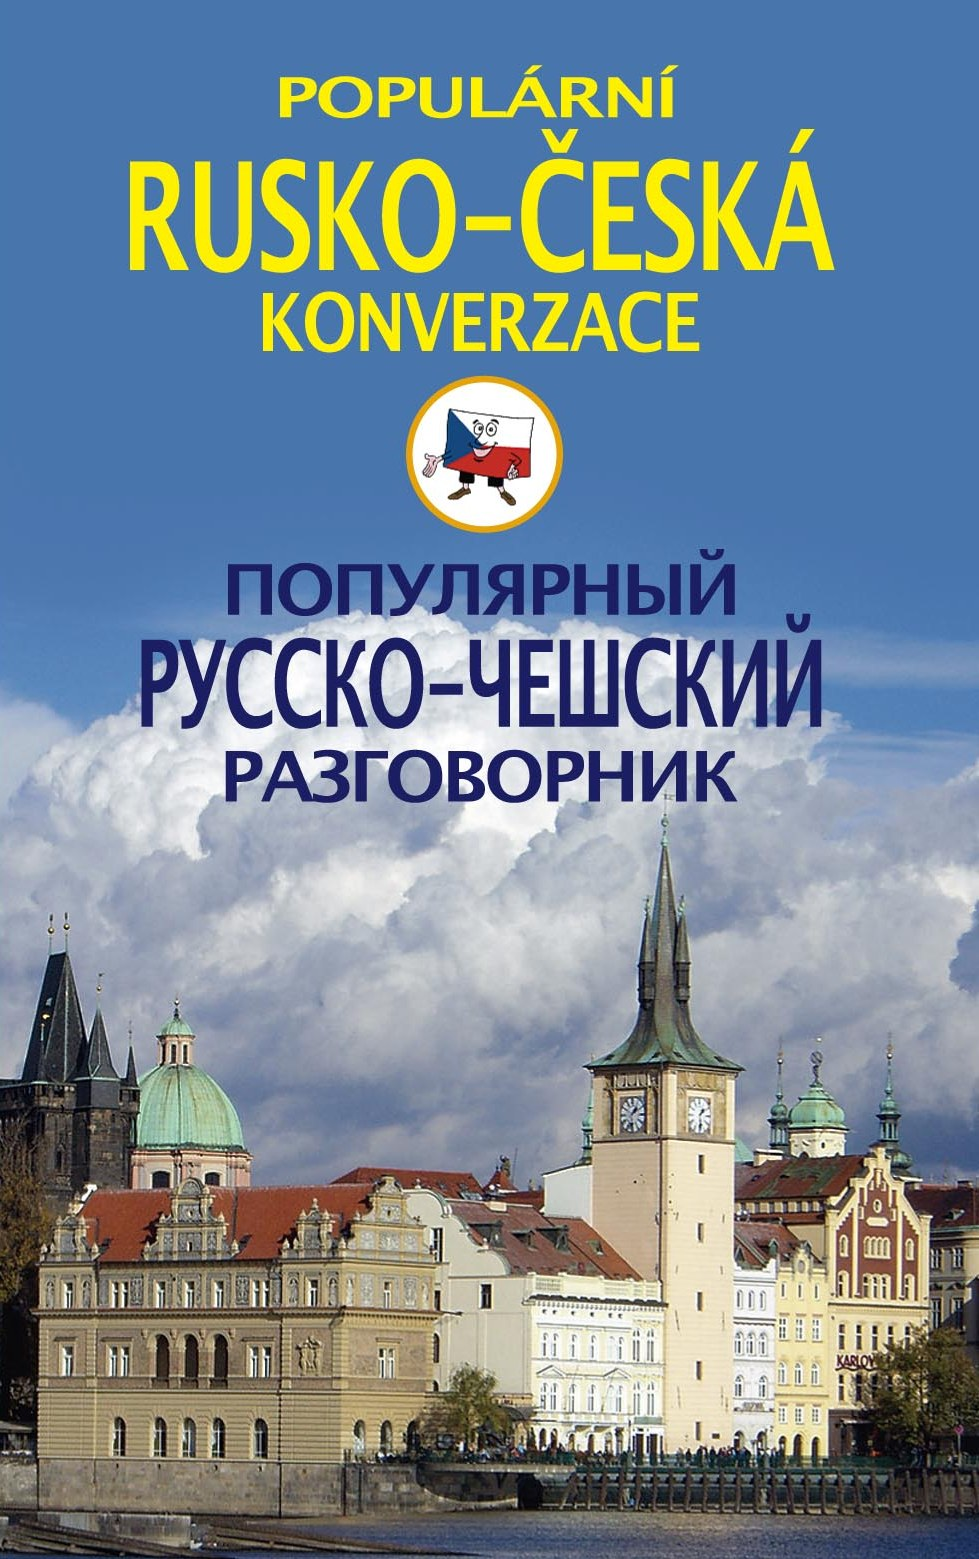 Популярный русско-чешский разговорник / Populárni rusko-česká konverzace